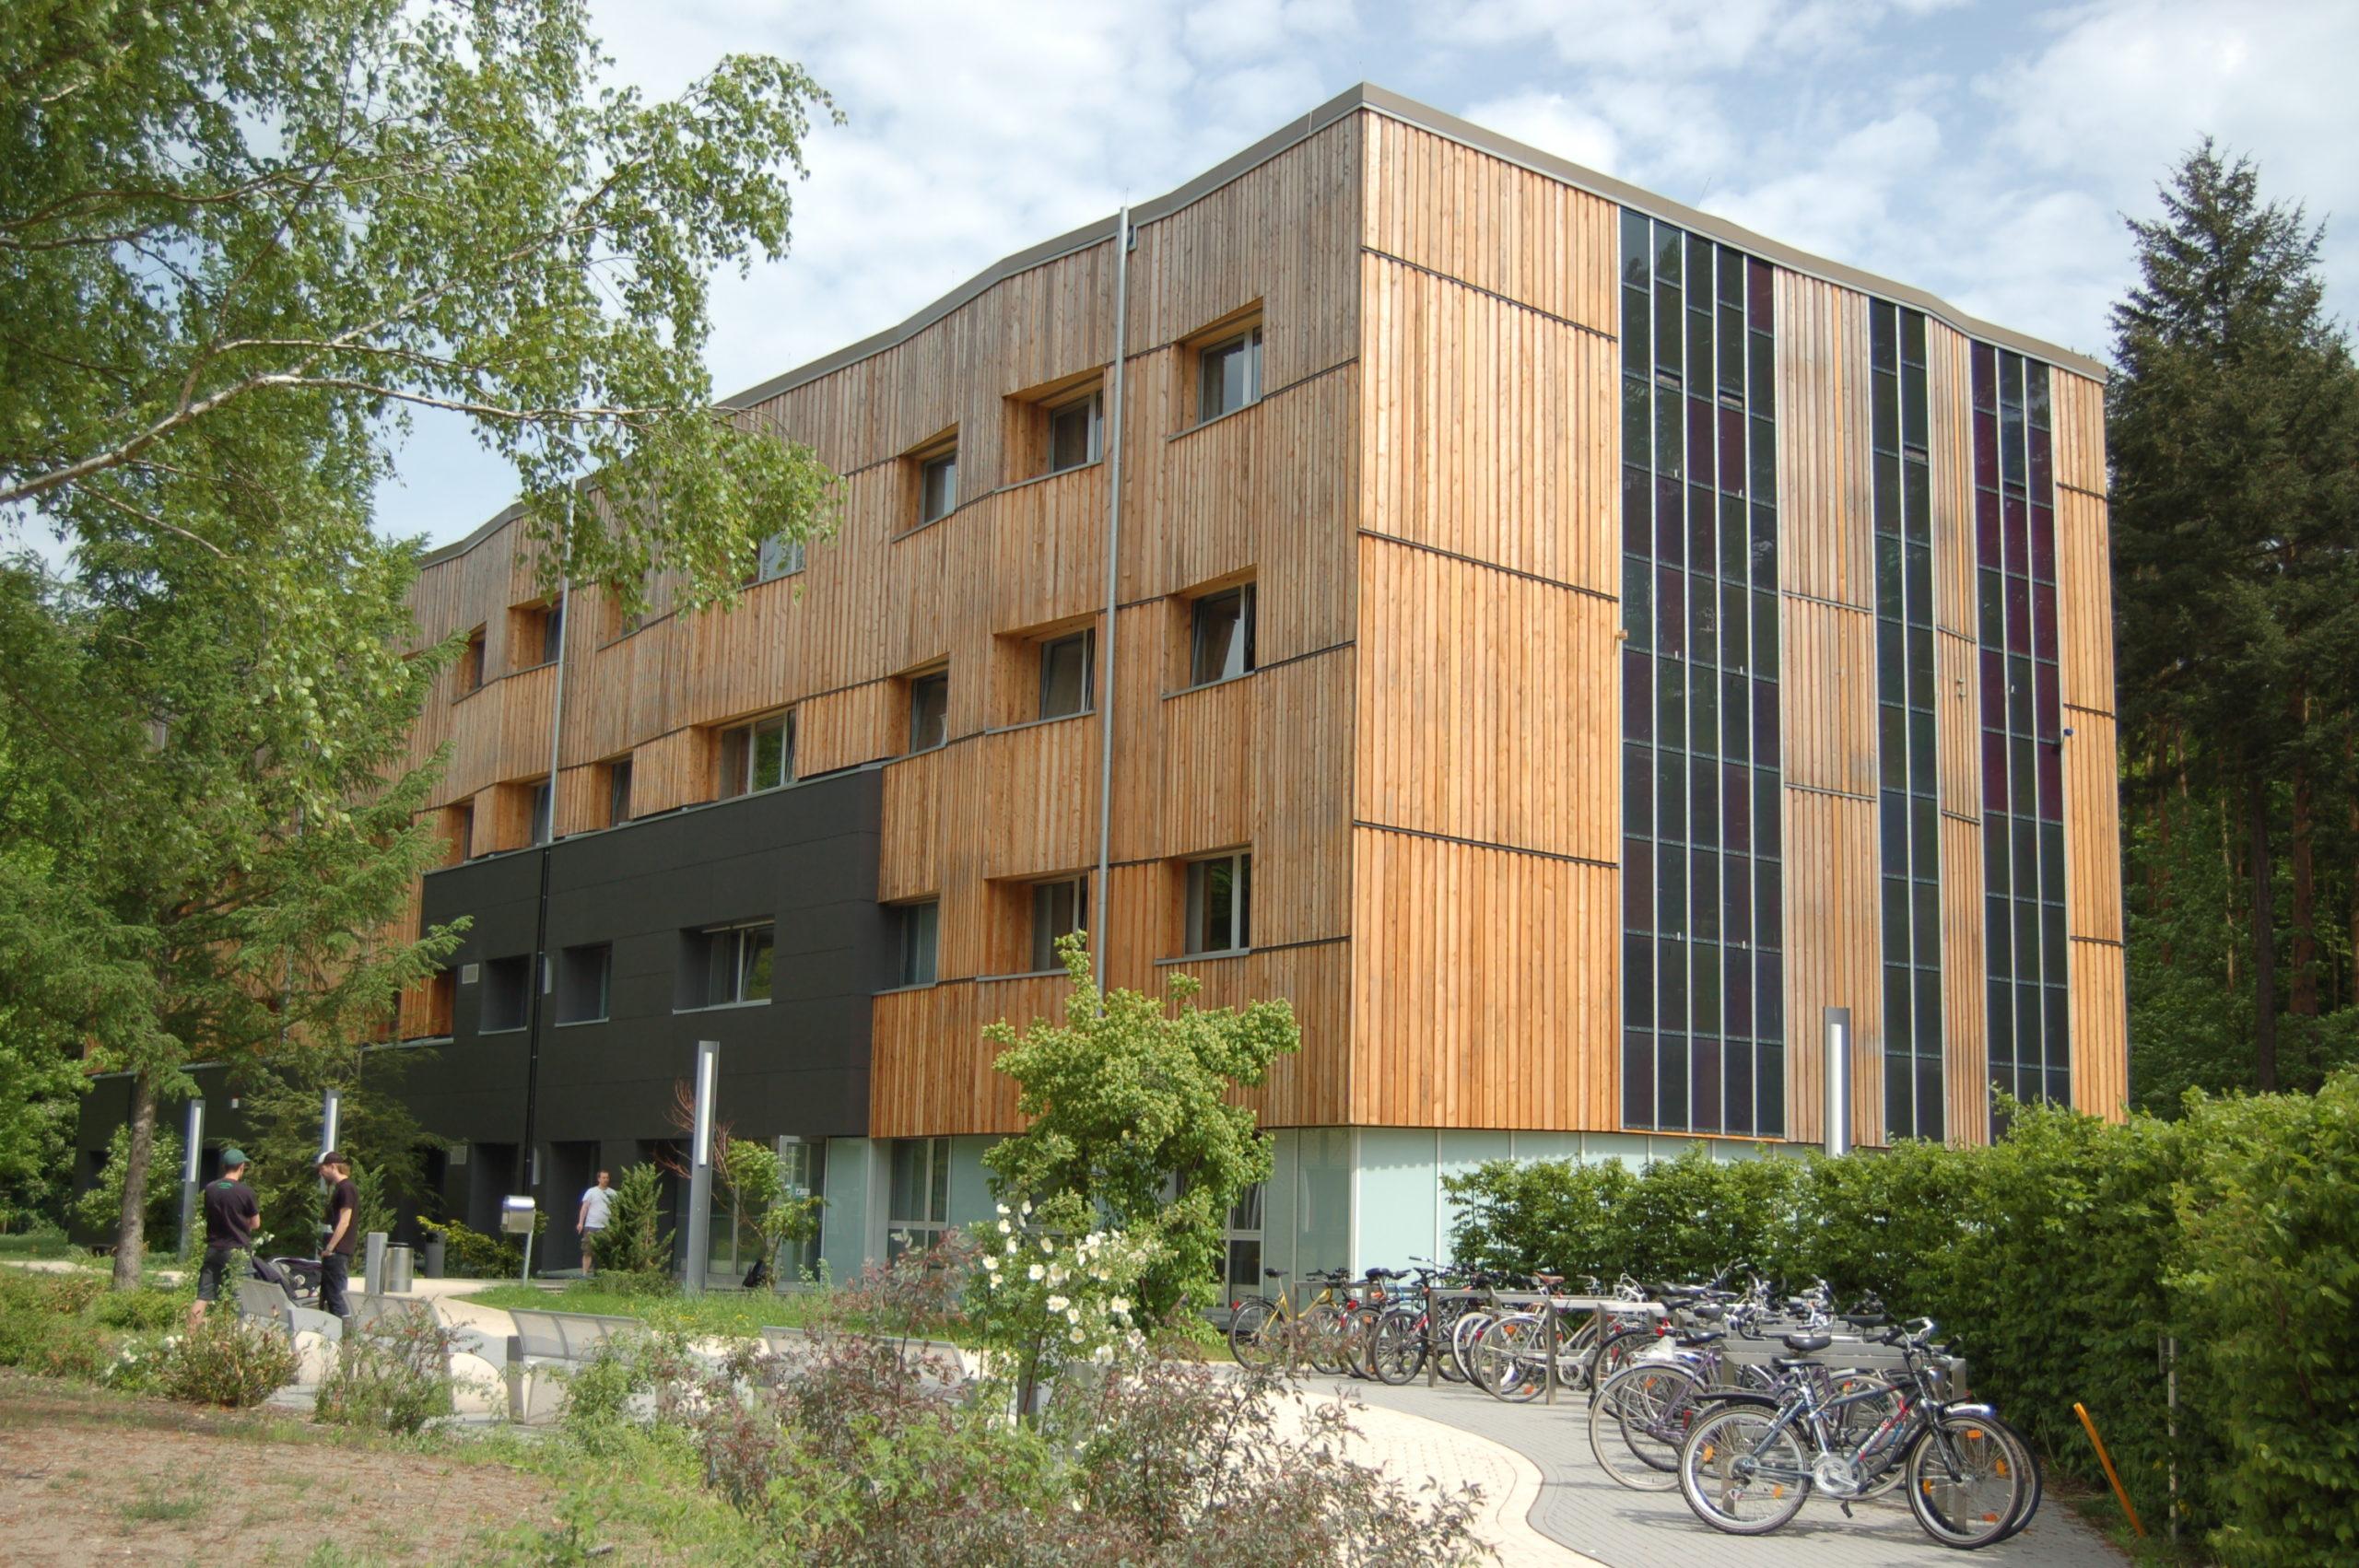 Der Fachbereich für Wald un Umwelt der Hochschule für nachhaltige Entwicklung in Eberswalde. Foto: HNE Eberswalde